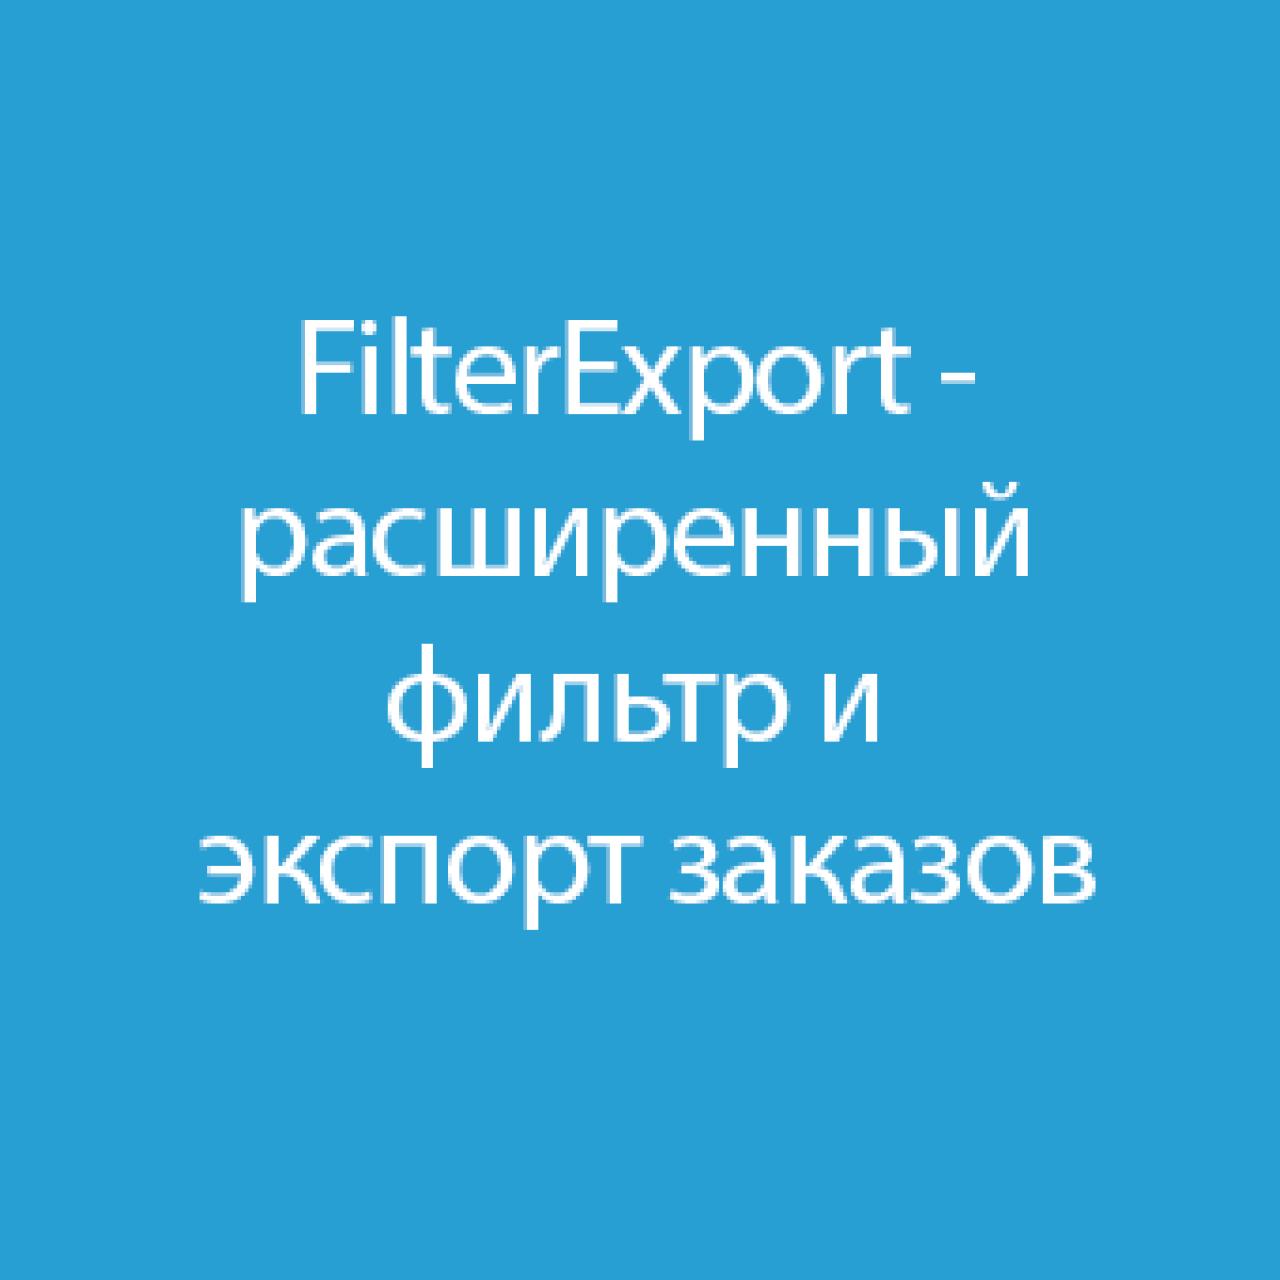 FilterExport - расширенный фильтр и экспорт заказов 1.1 из категории Админка для CMS OpenCart (ОпенКарт)